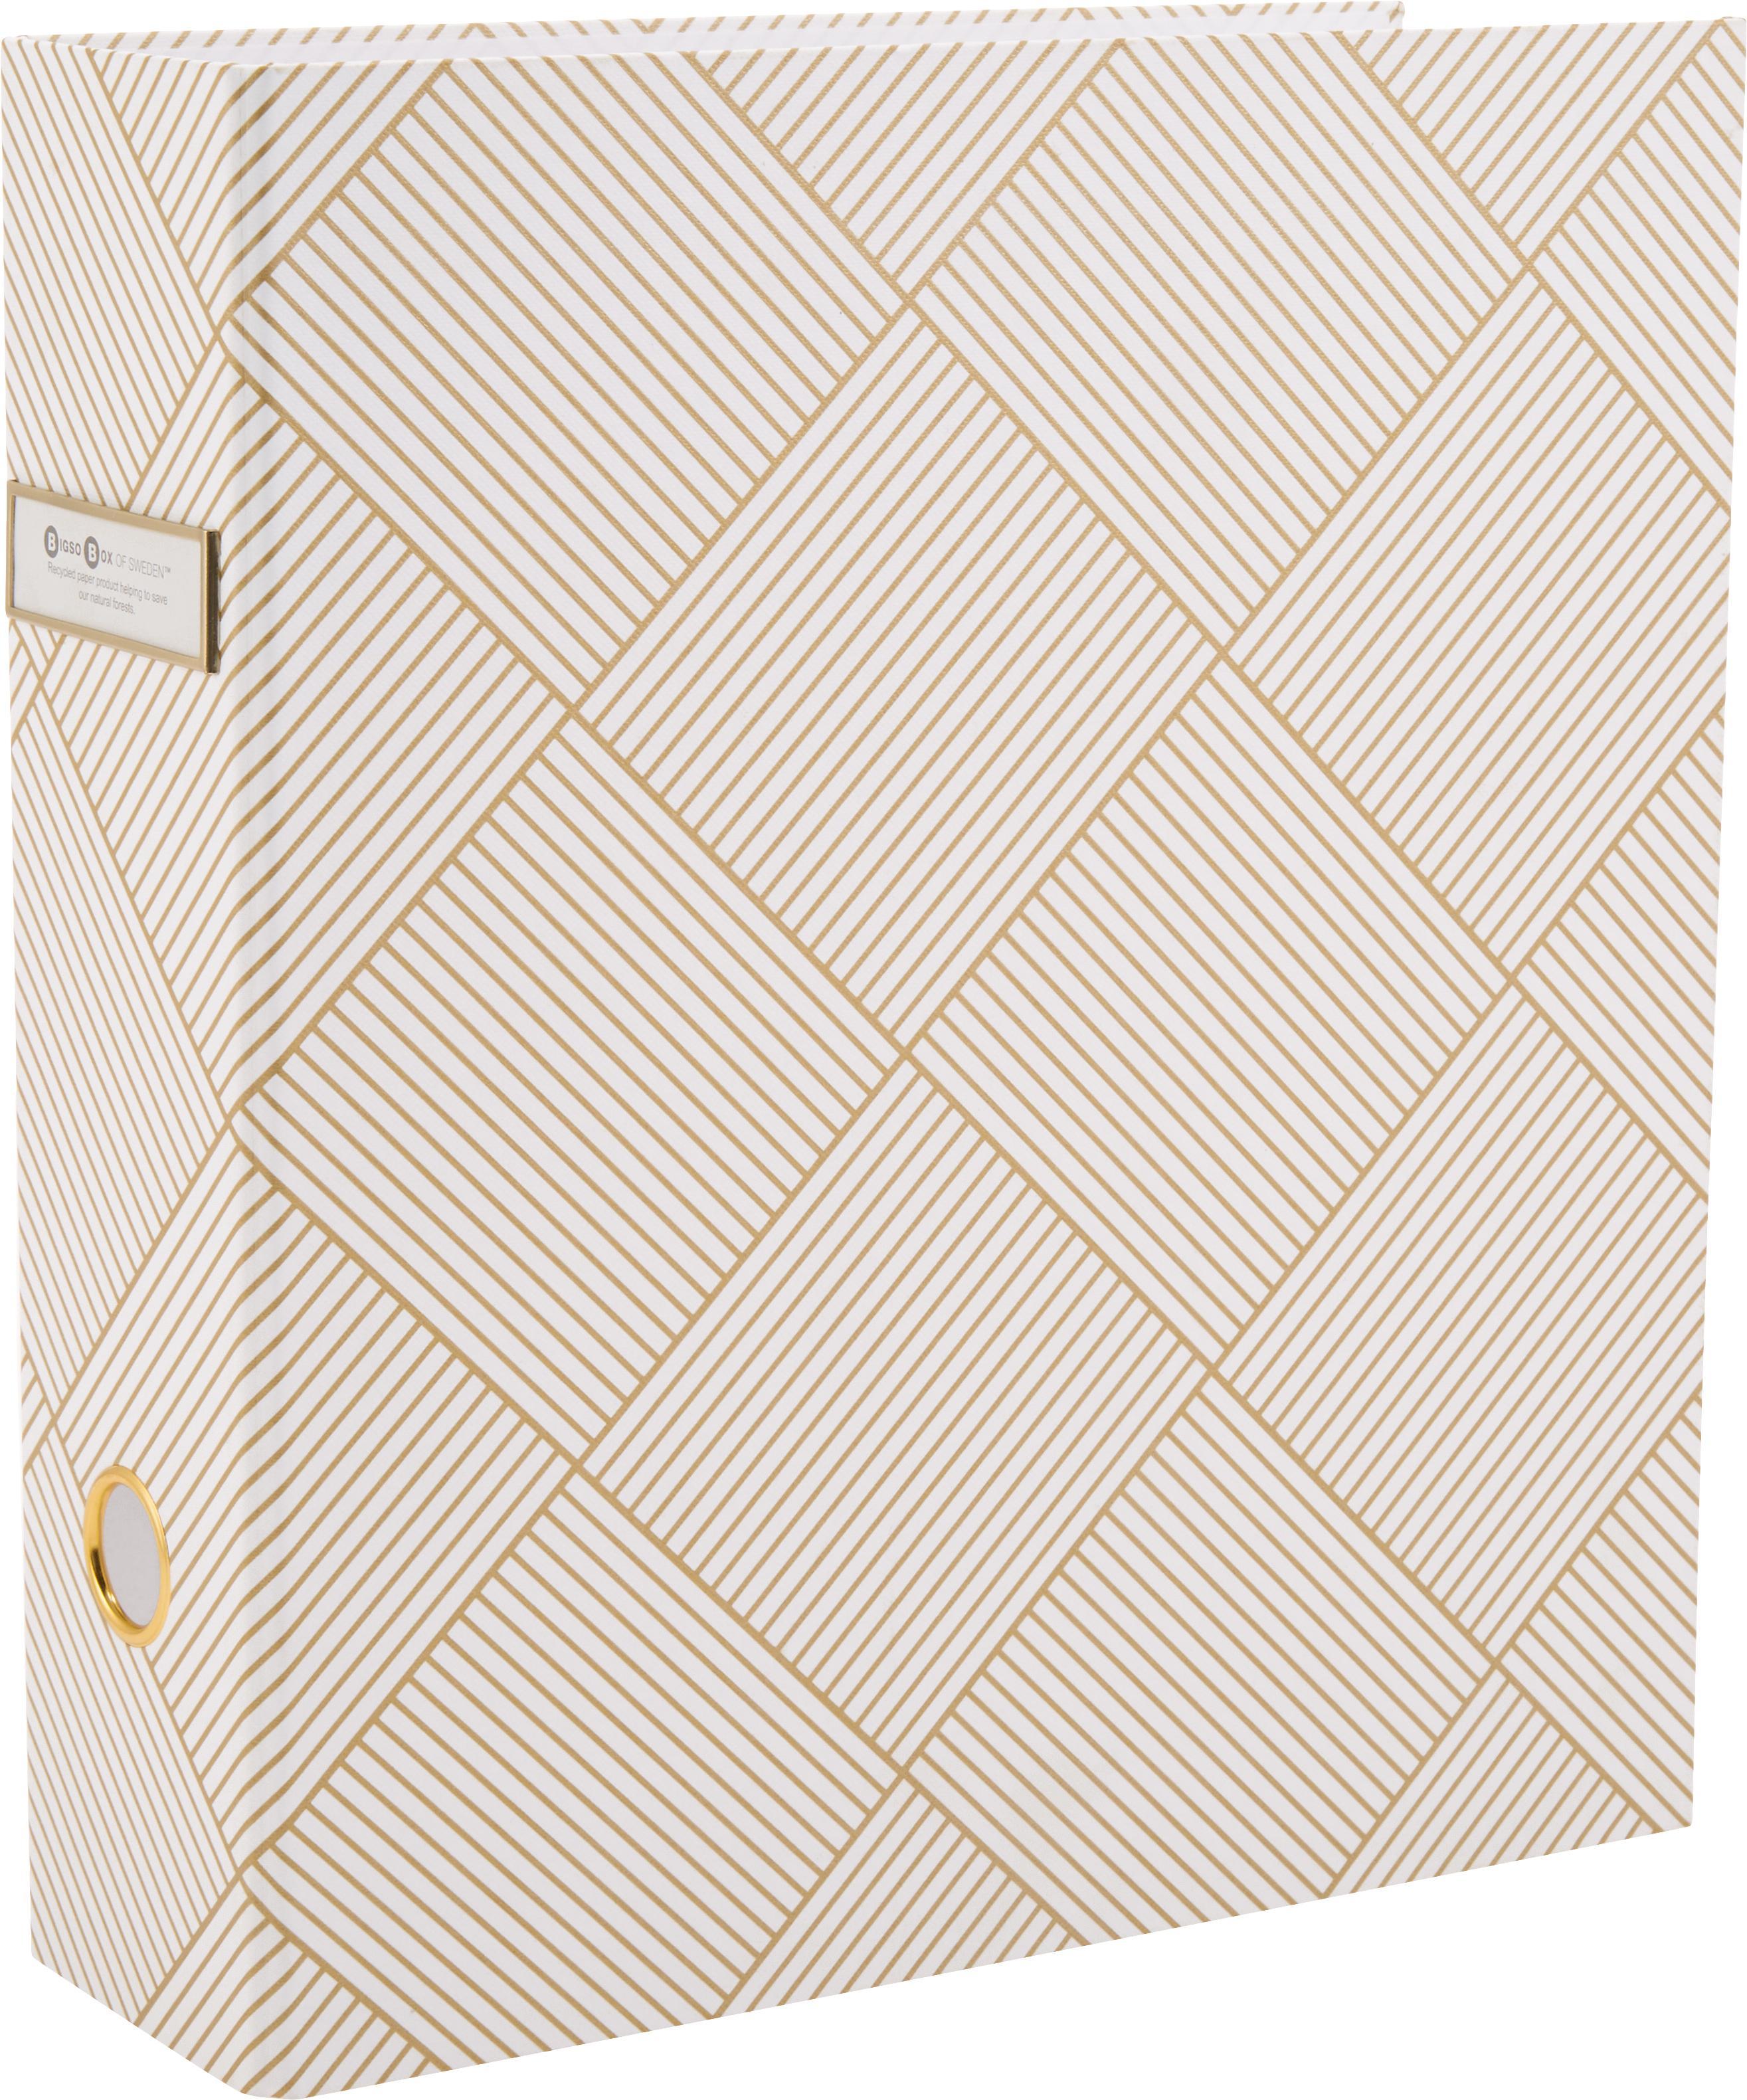 Segregator na dokumenty Archie, Odcienie złotego, biały, S 29 x W 32 cm